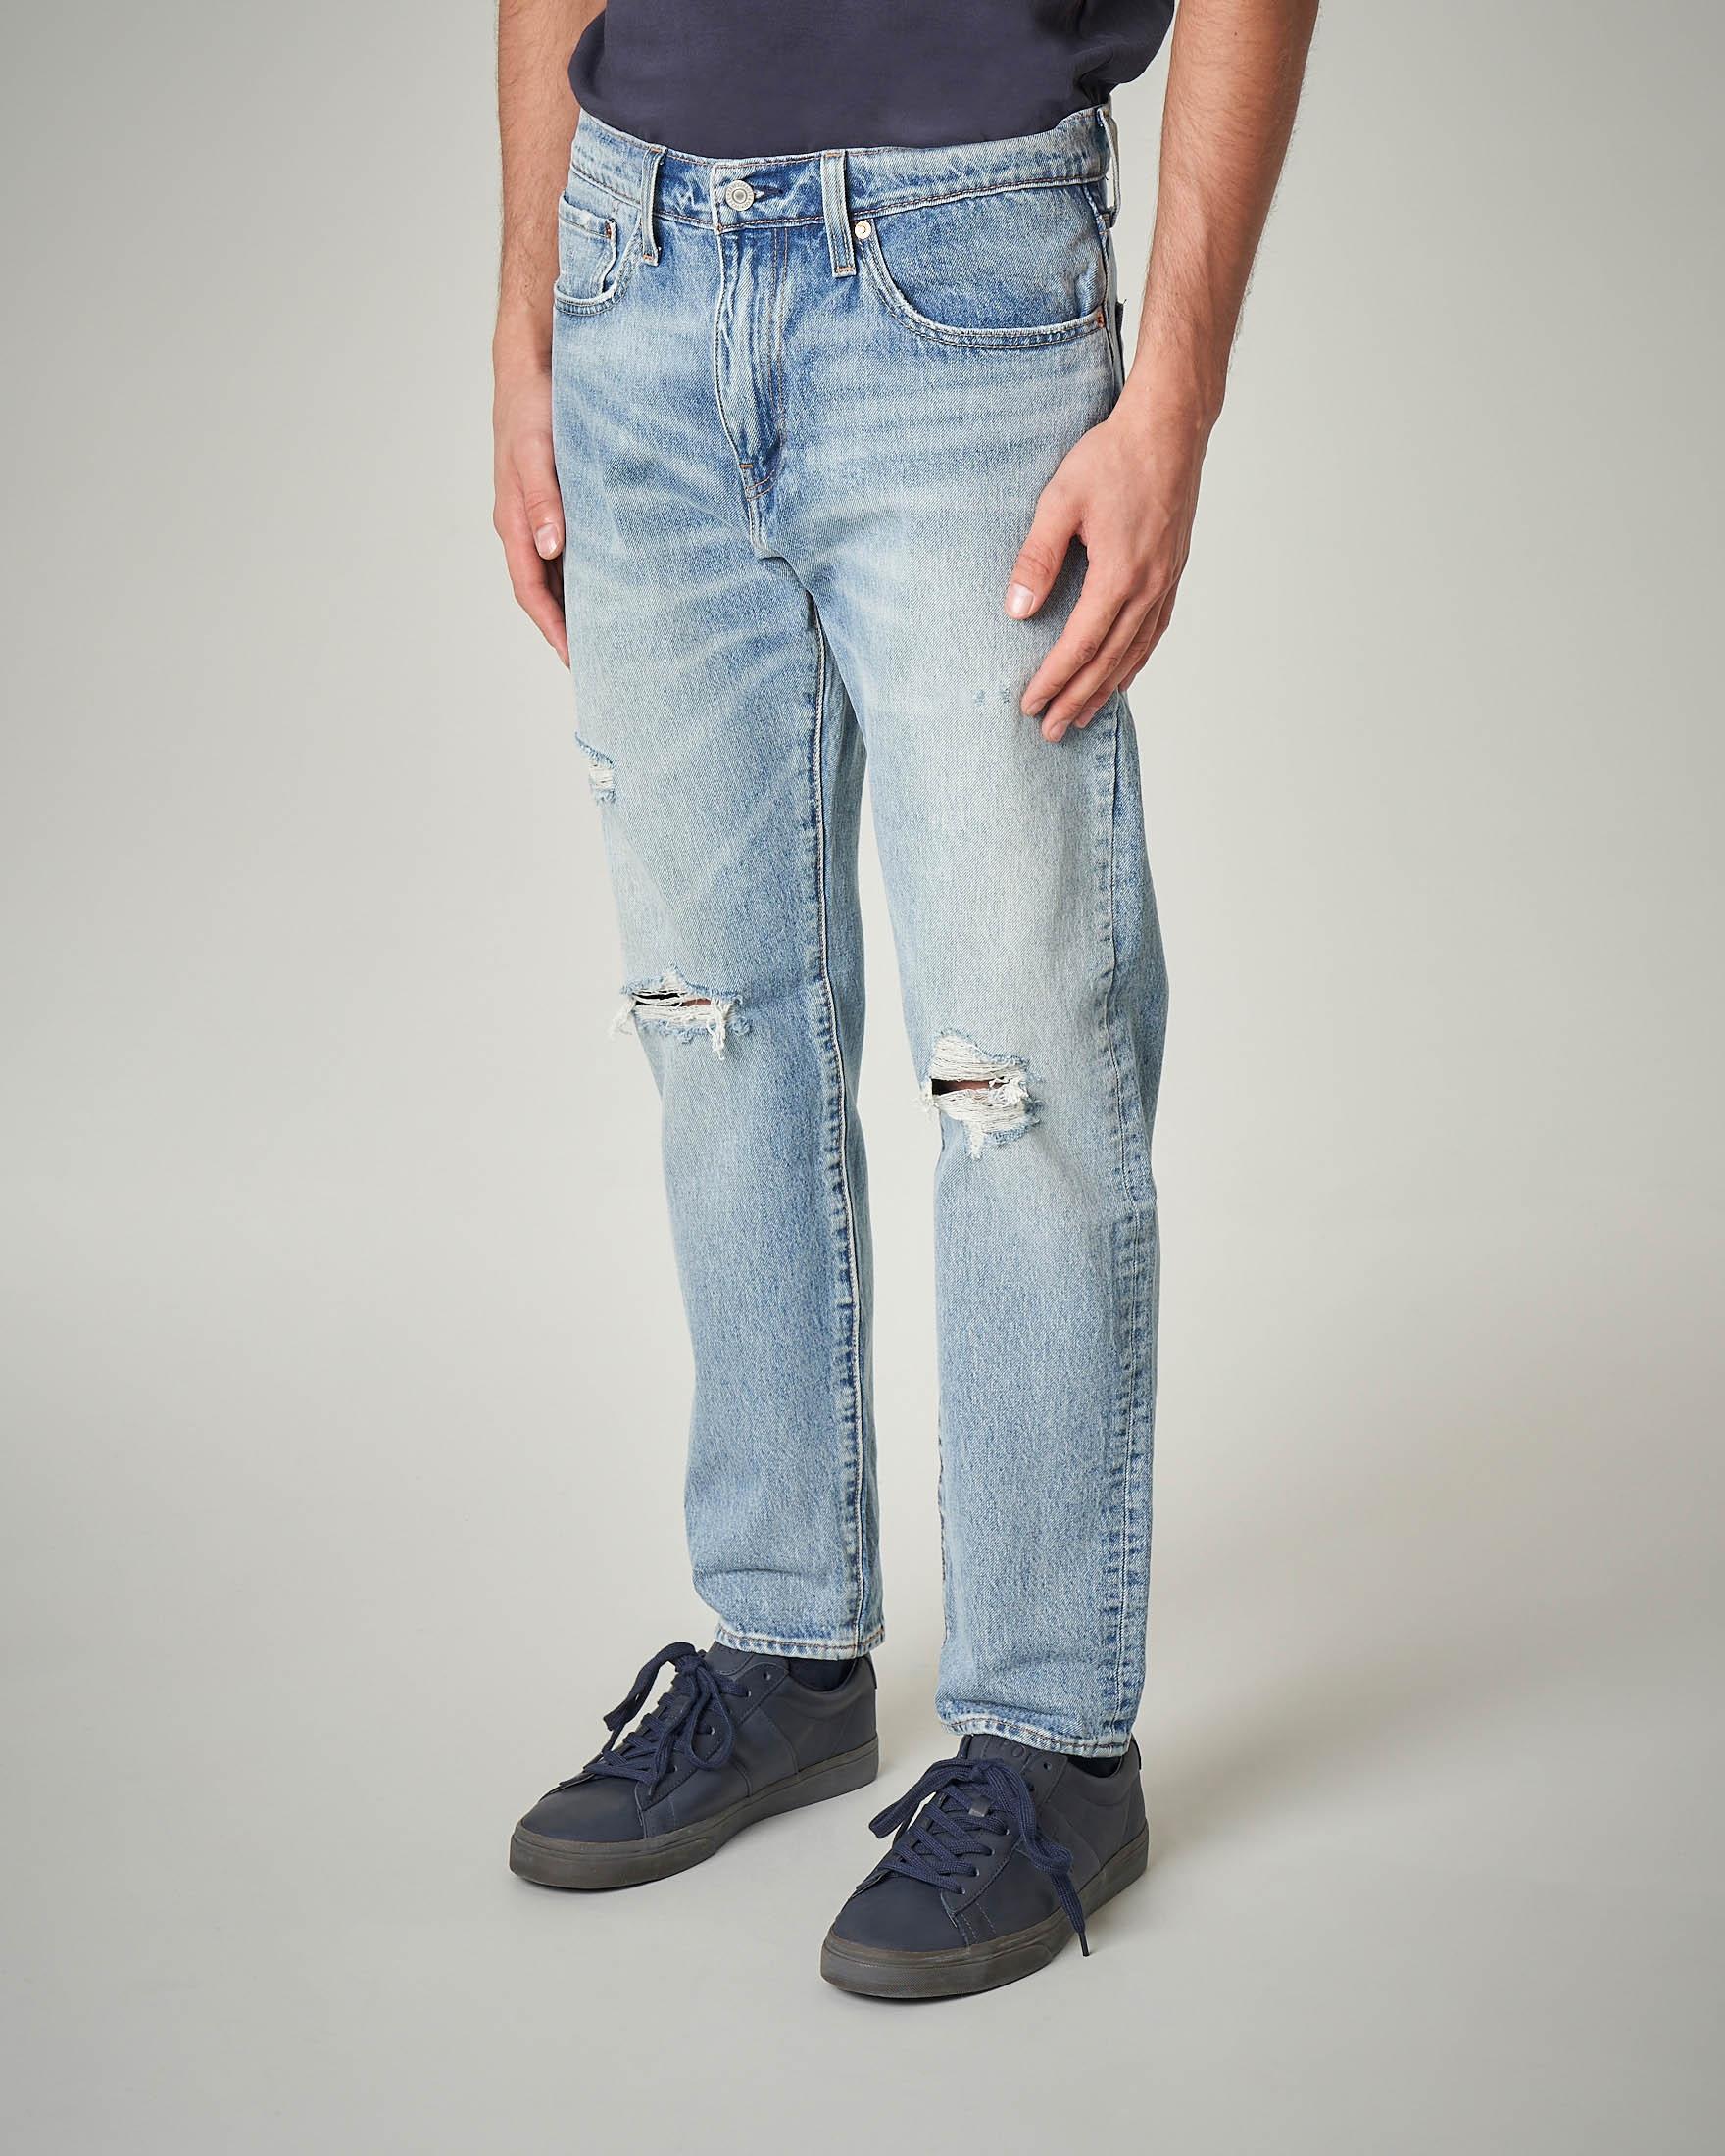 Jeans Hi-Ball tapered lavaggio chiaro